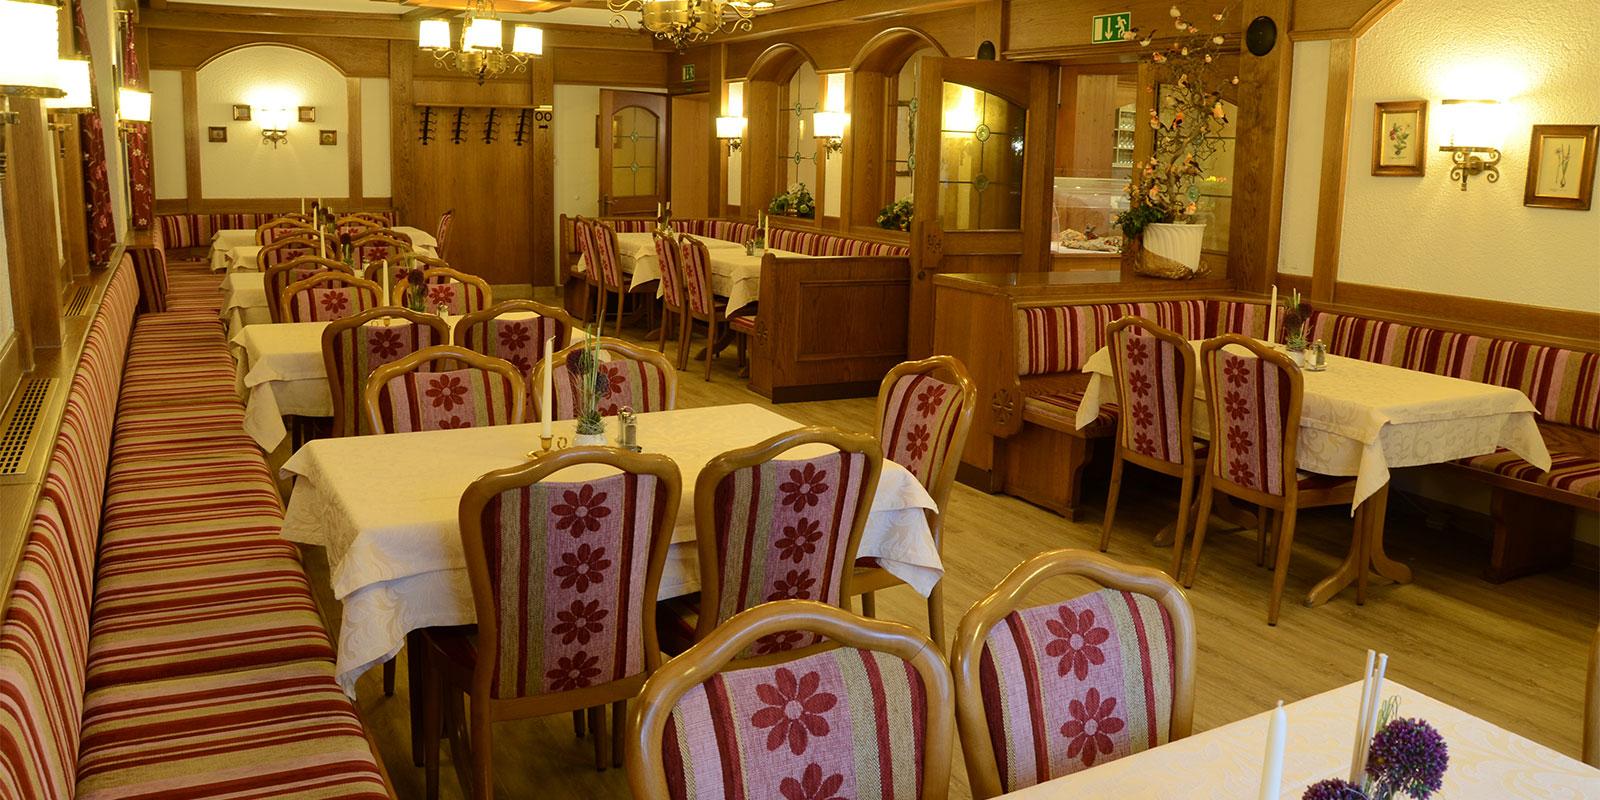 Restaurant Beilngries im Hotel-Gasthof zur Krone - Gutbürgerliche Küche